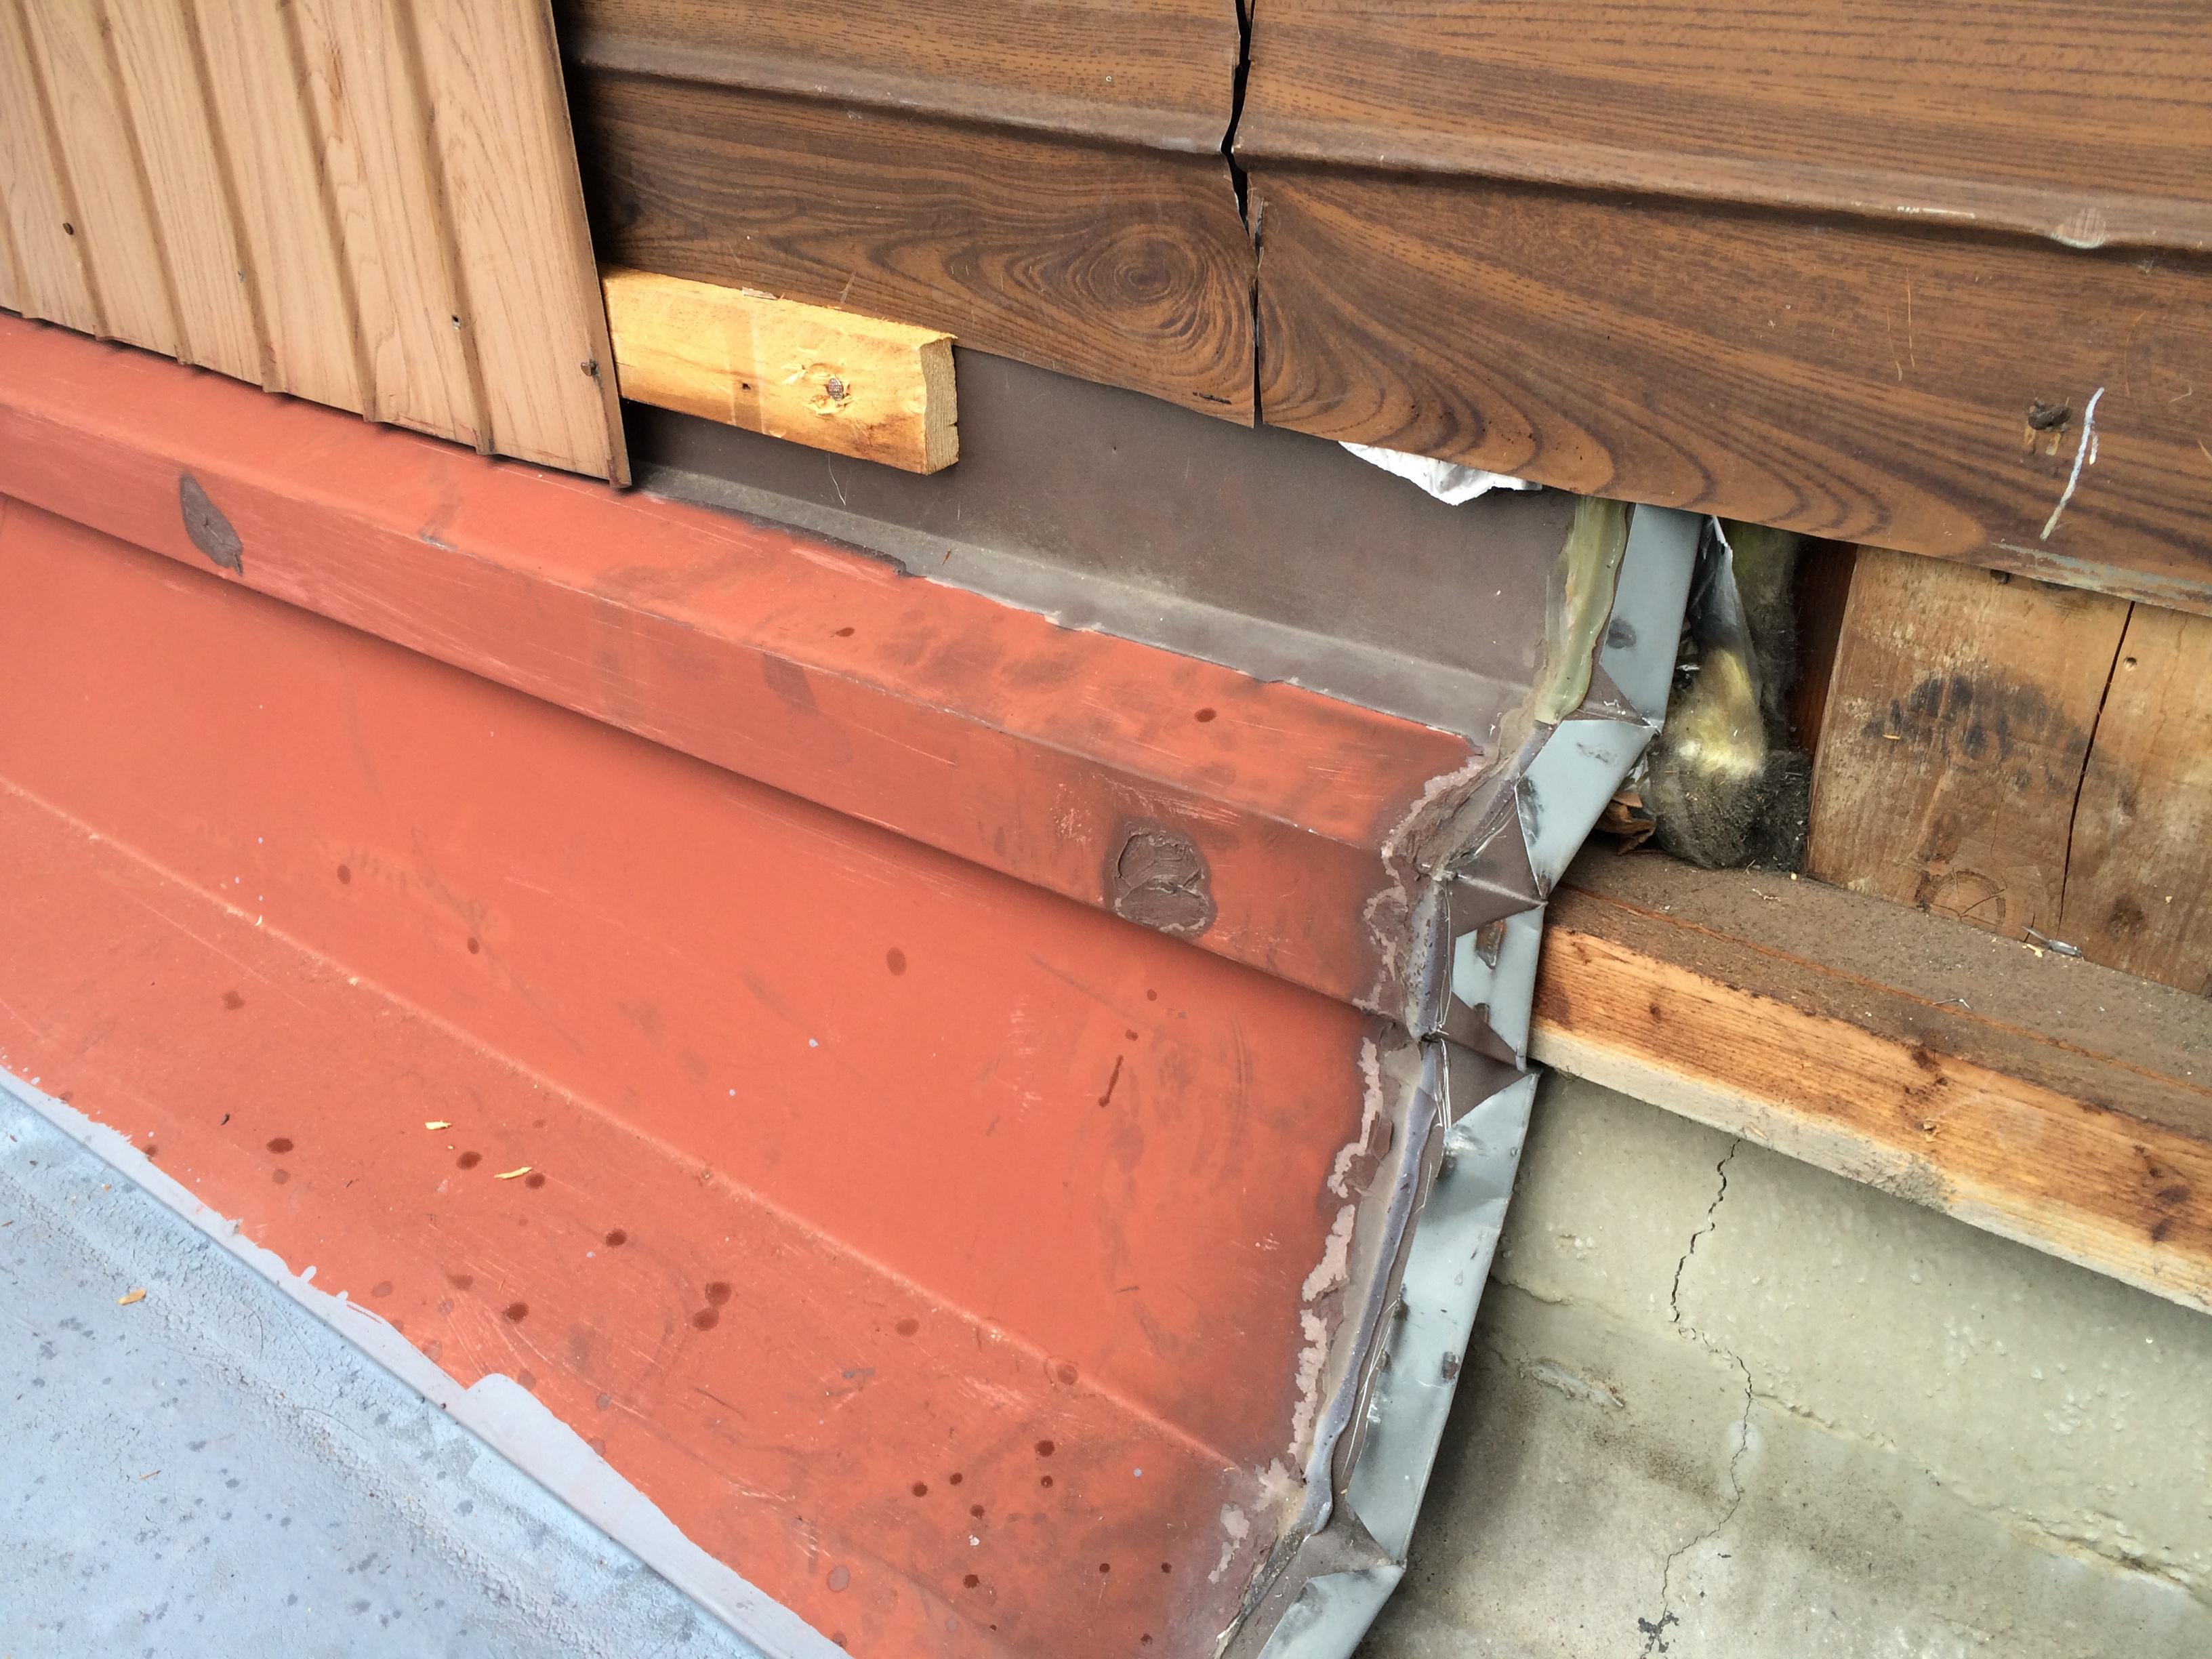 板金をカットした様子です。下地のクラックと板金の形状により、雨漏れしていました